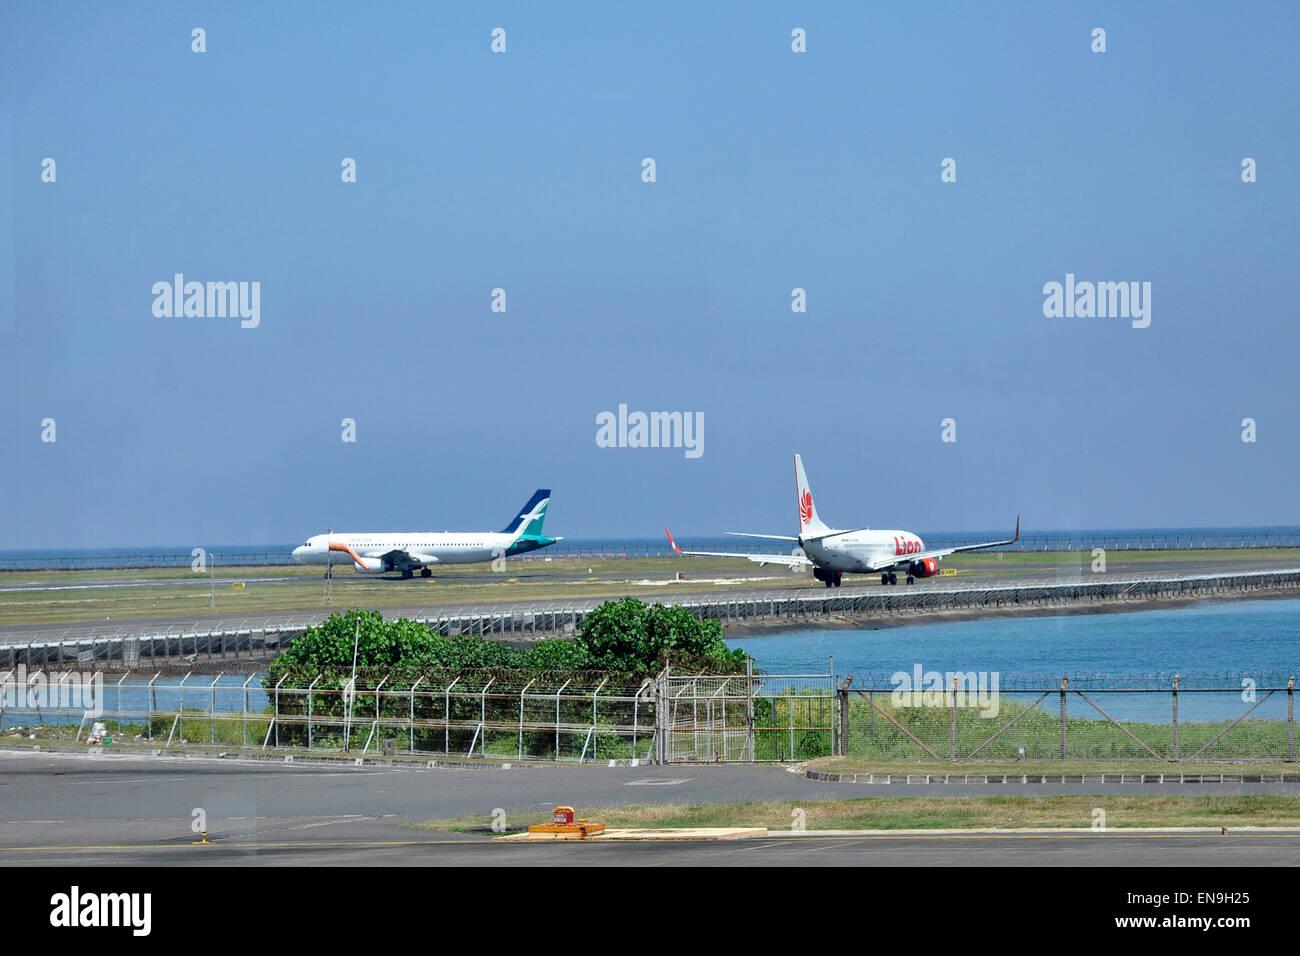 Aeroporto Bali : Indonesia bali dall aeroporto di denpasar foto immagine stock